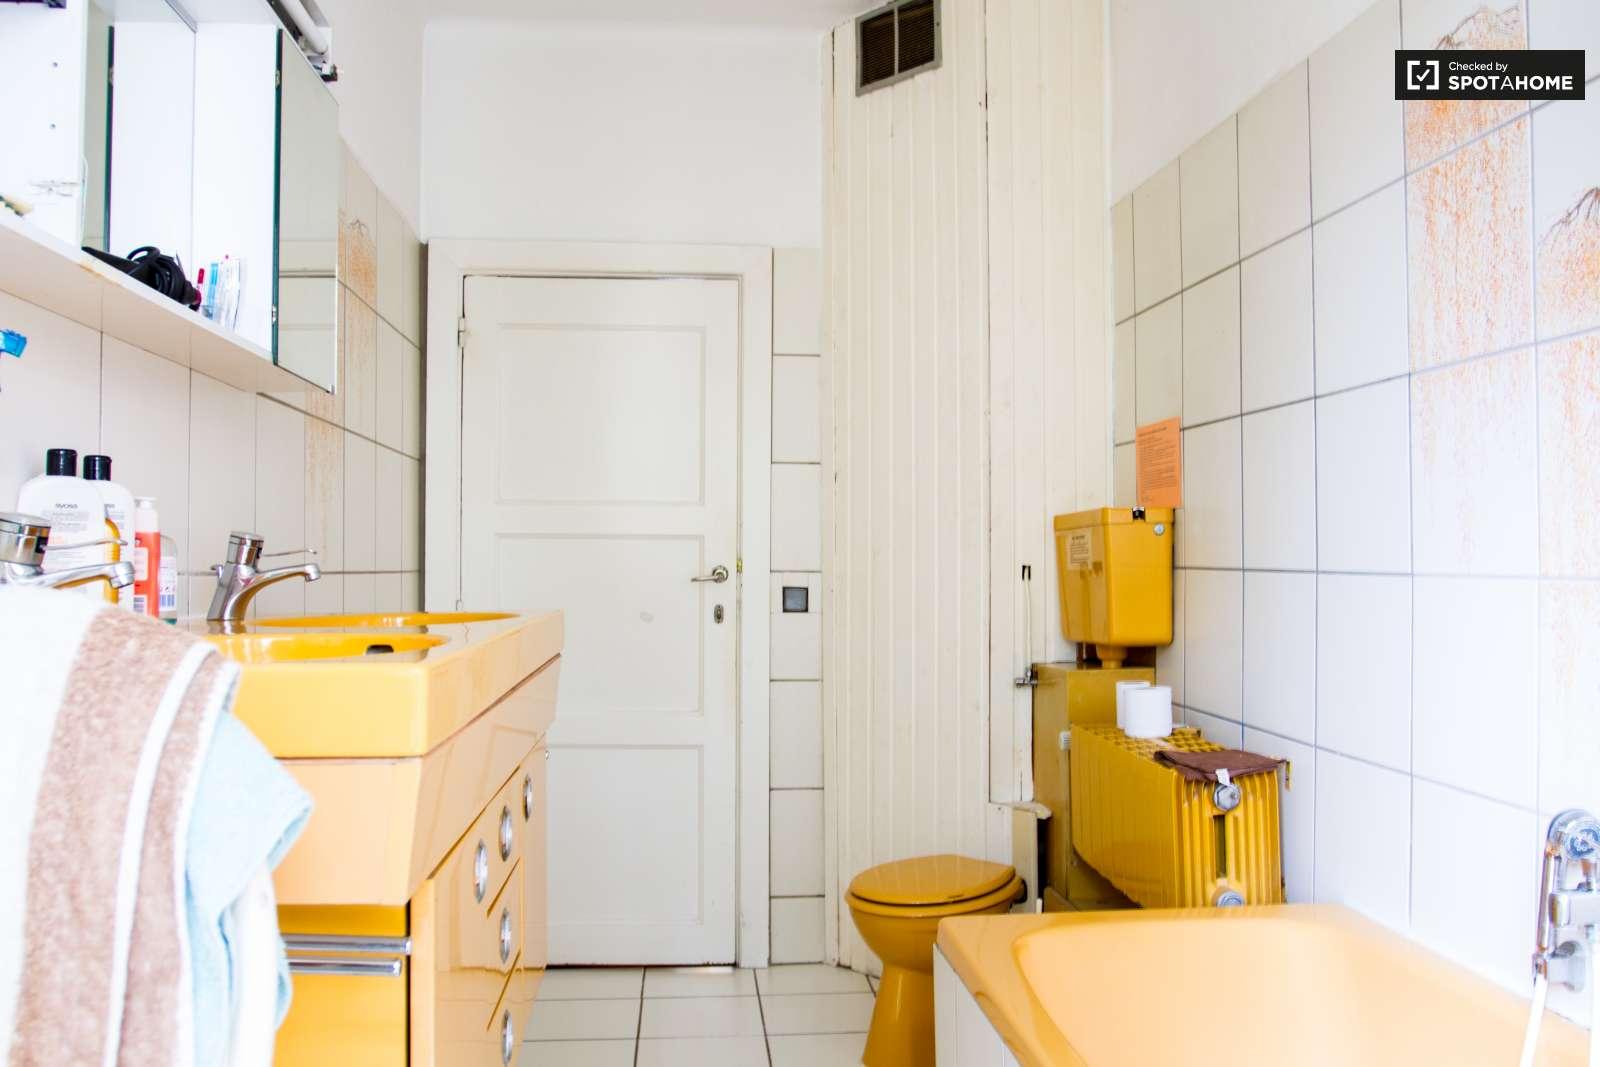 Grande chambre dans un appartement etterbeek for Salle de bains in english